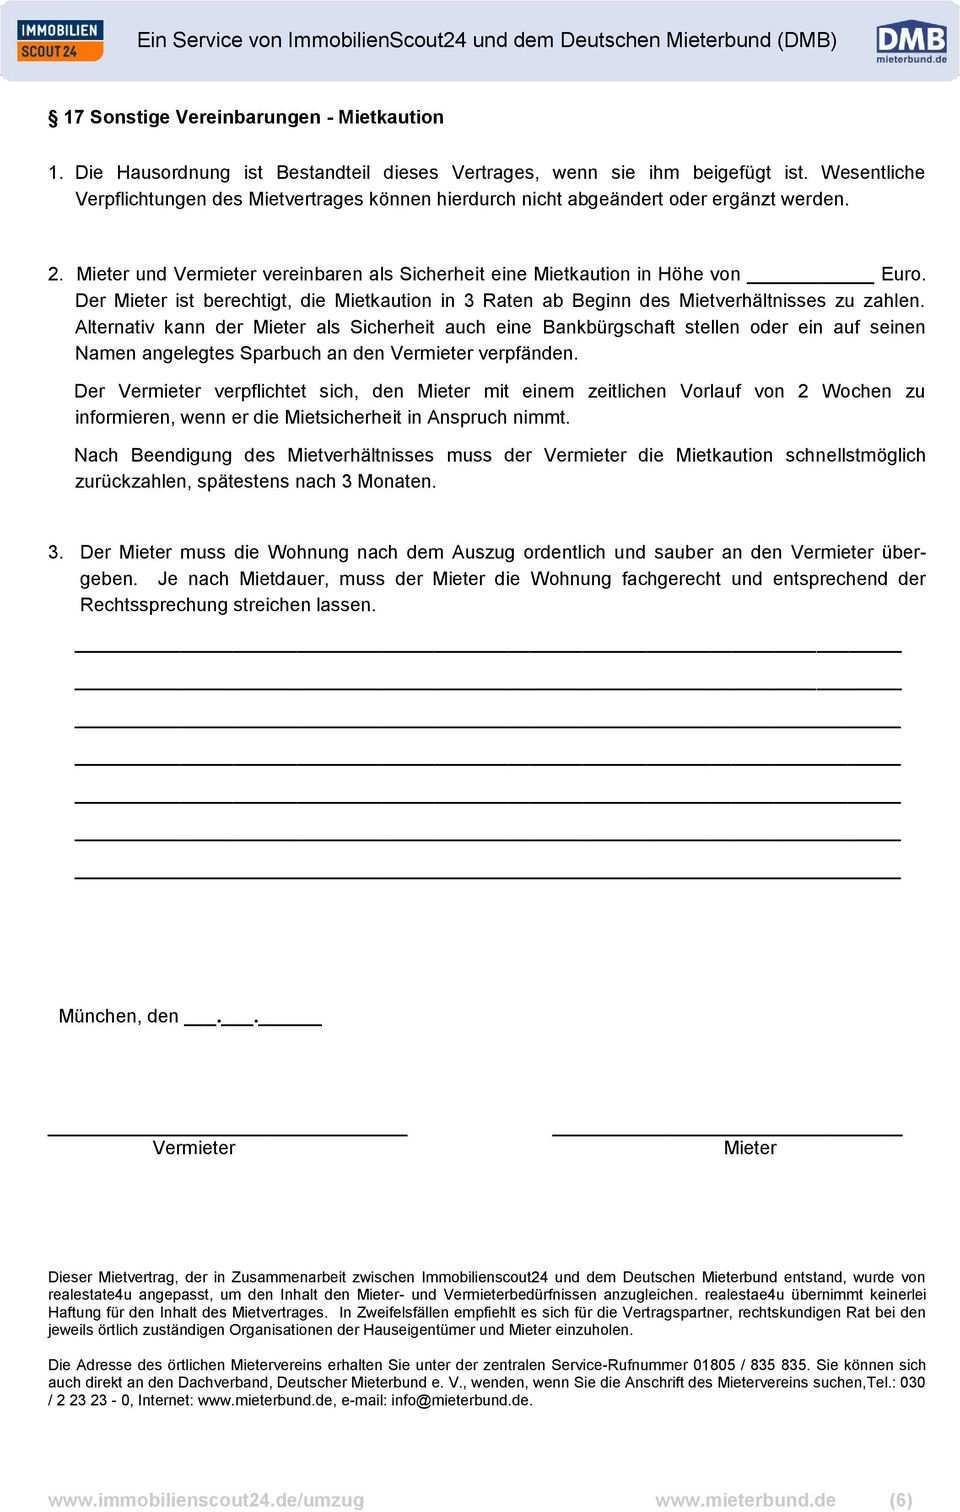 Ein Service Von Immobilienscout24 Und Dem Deutschen Mieterbund Dmb Pdf Kostenfreier Download